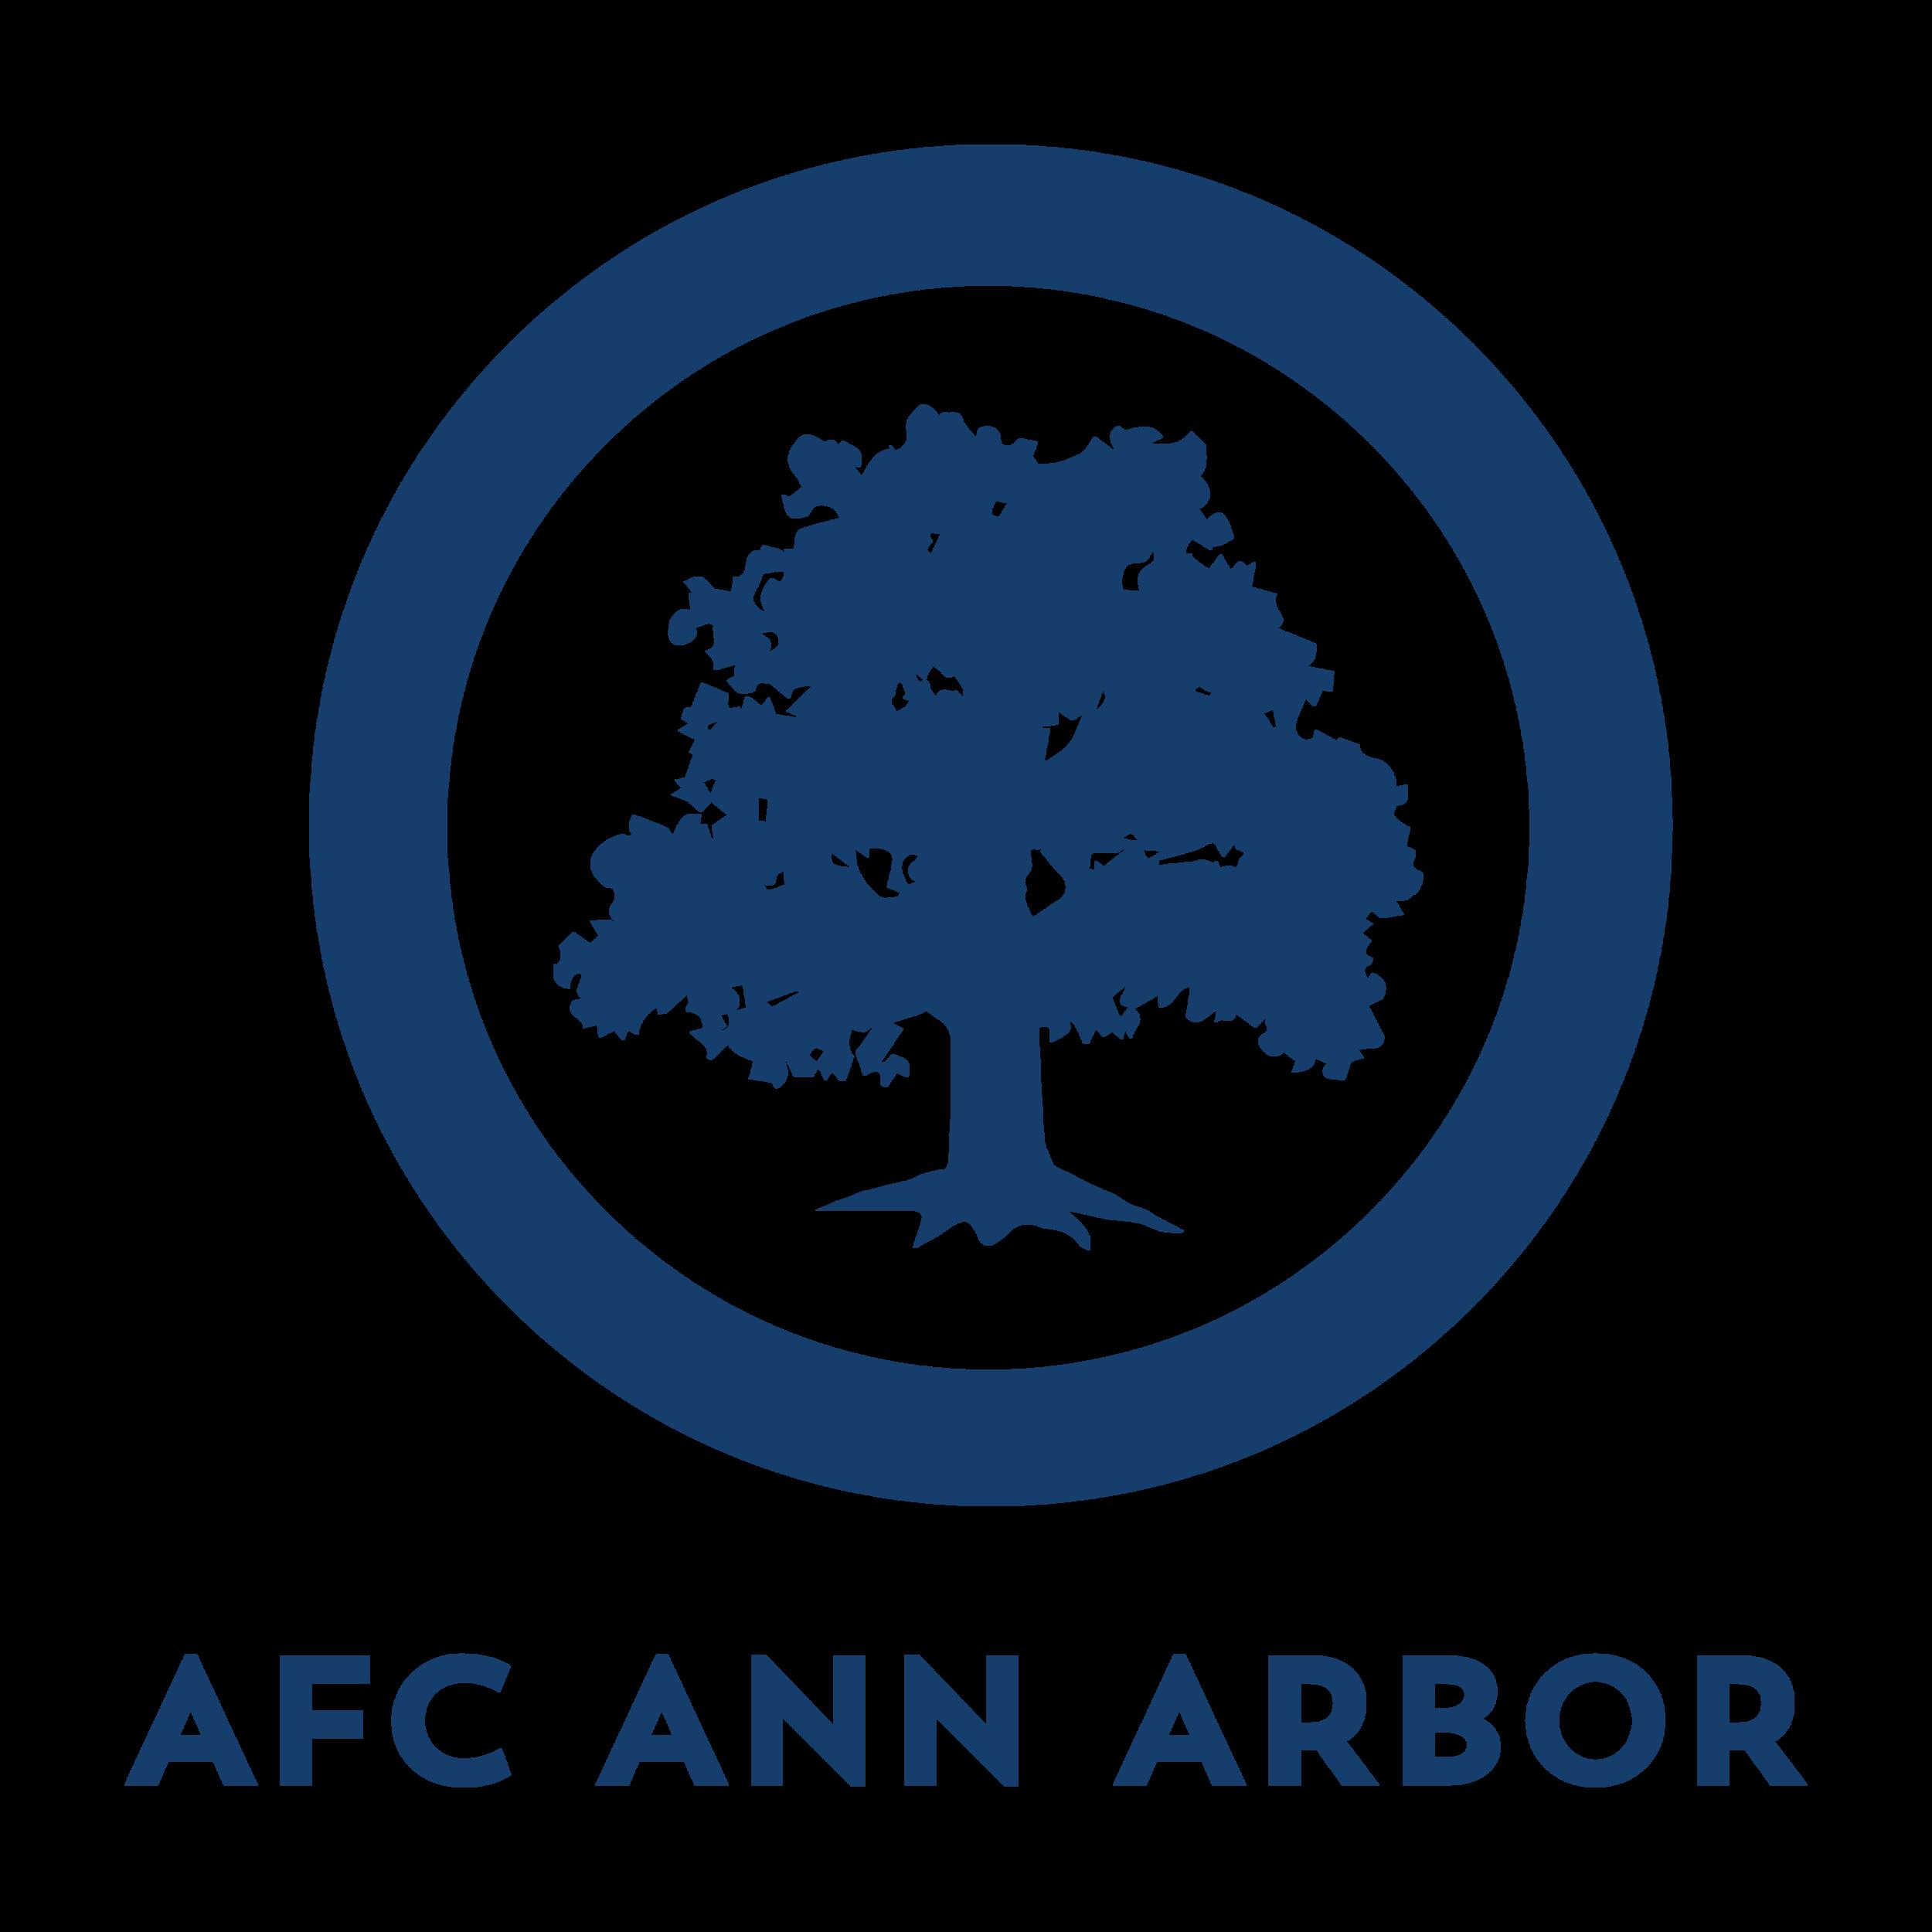 AFC Circle_navy (1).png